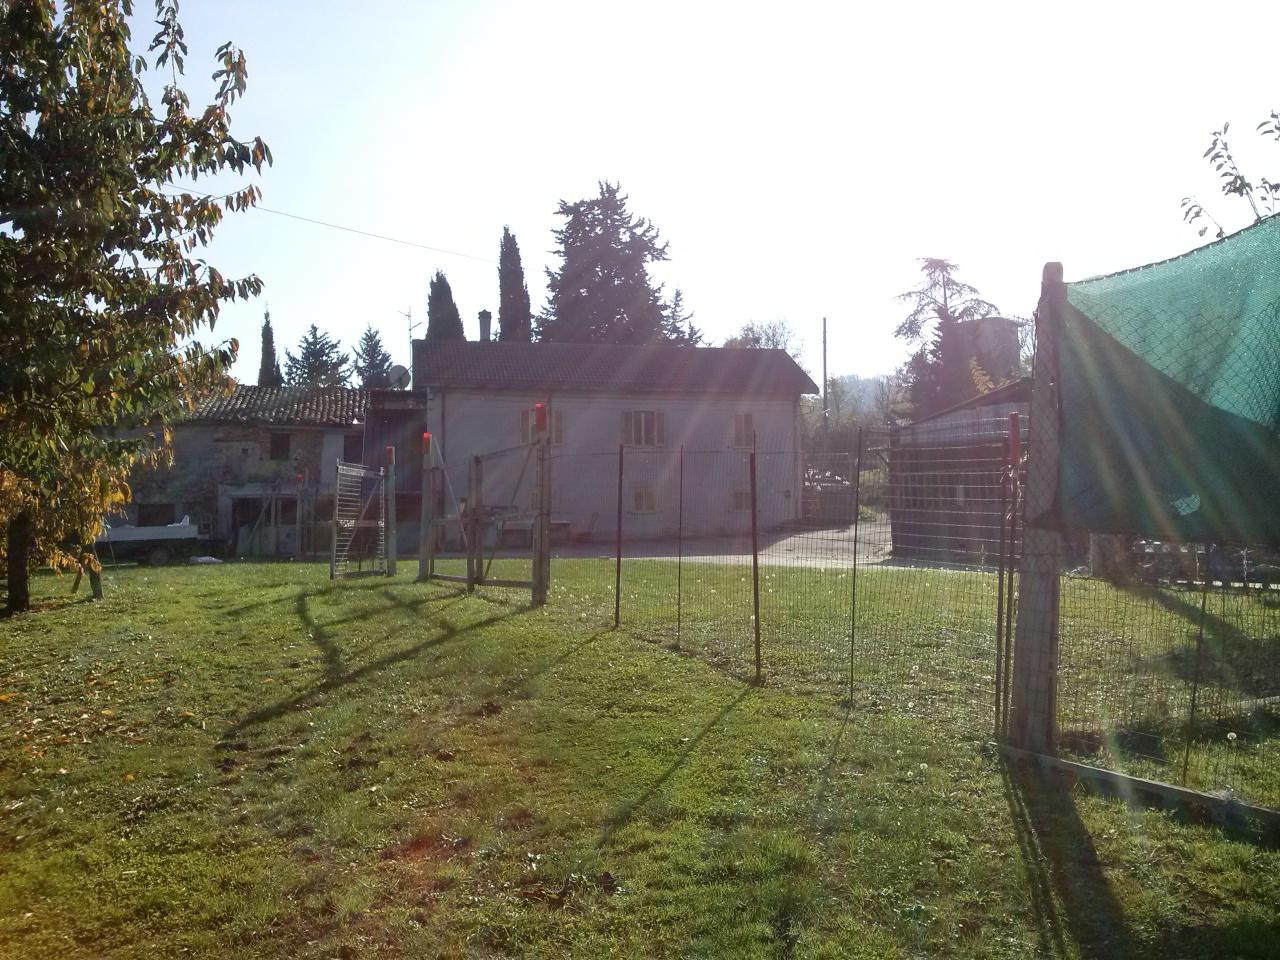 Rustico / Casale in vendita a Ascoli Piceno, 5 locali, zona Località: ValleFiorana, prezzo € 130.000 | CambioCasa.it